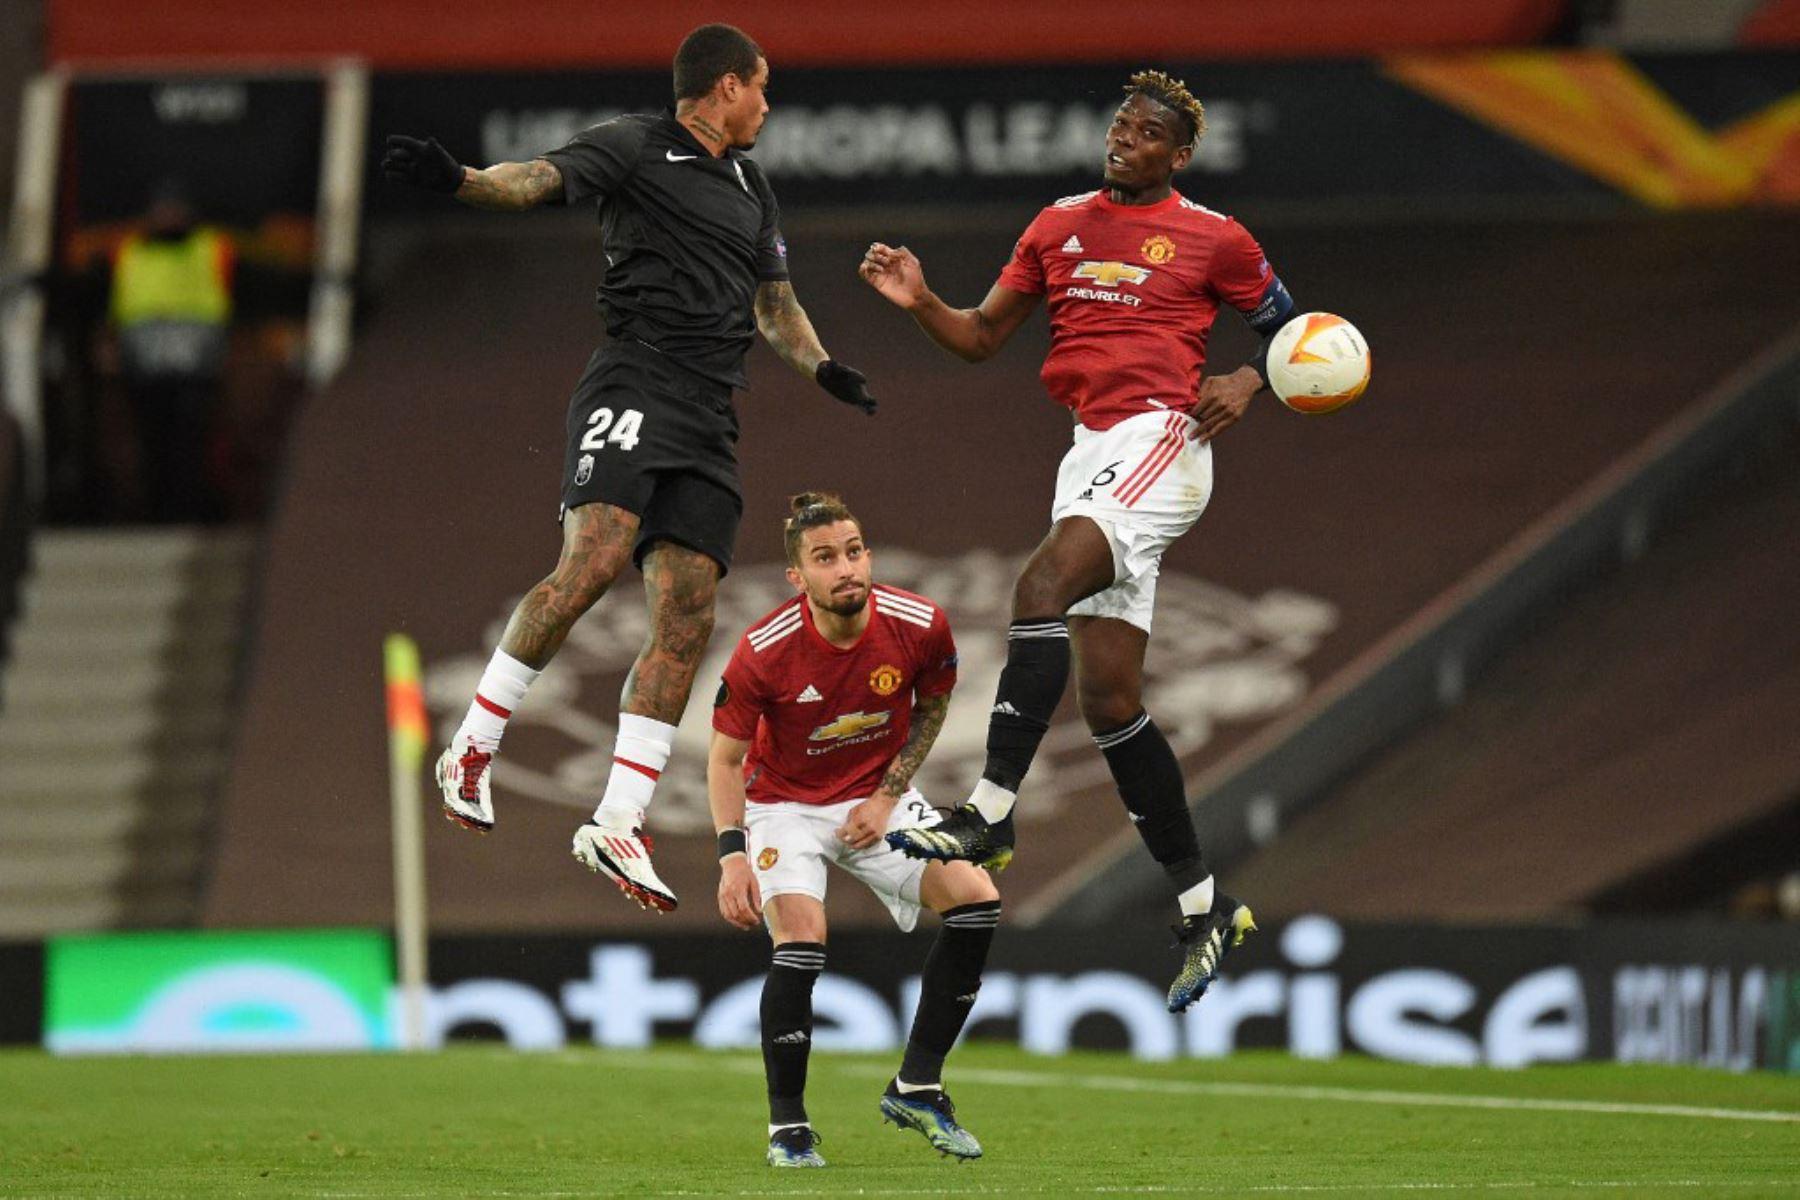 El defensor brasileño del Manchester United Alex Telles (C) mira como el centrocampista brasileño del Granada Kenedy (L) compite con el centrocampista francés del Manchester United Paul Pogba (R) durante los cuartos de final de la UEFA Europa League, segundo partido de fútbol entre el Manchester United y el Granada.  Foto:AFP